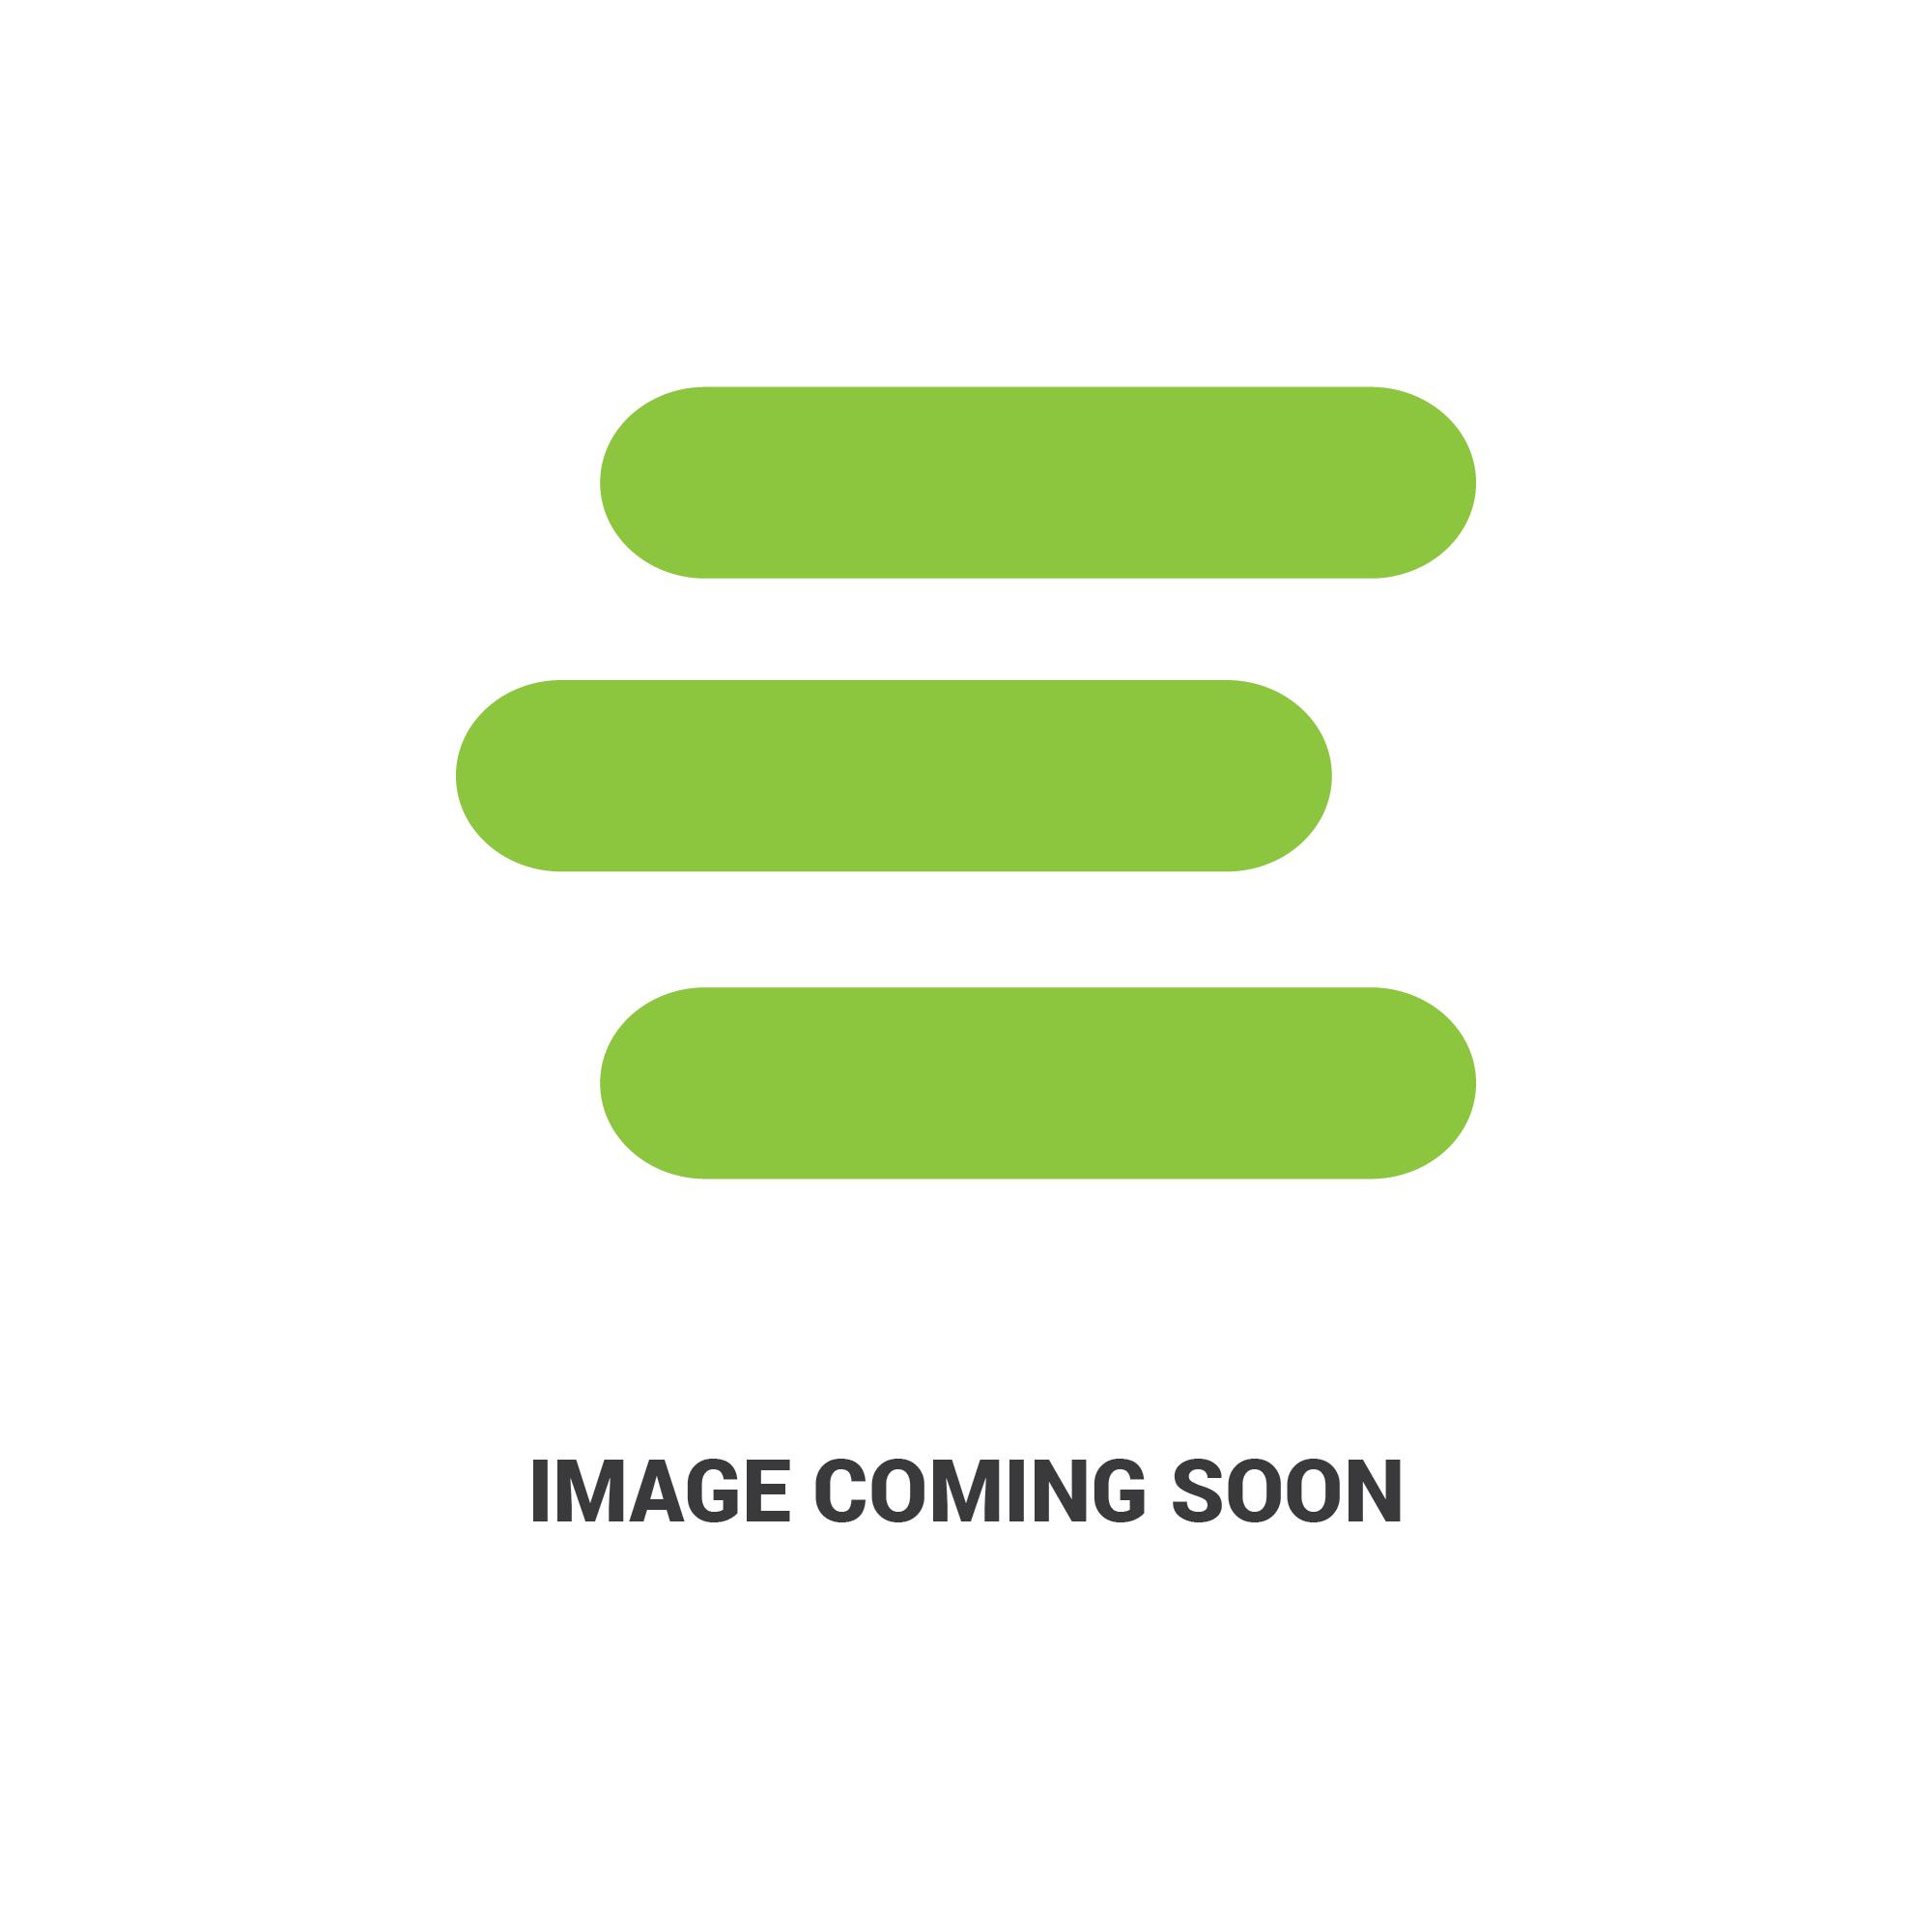 E-53066-0274-MA2055_1.jpg